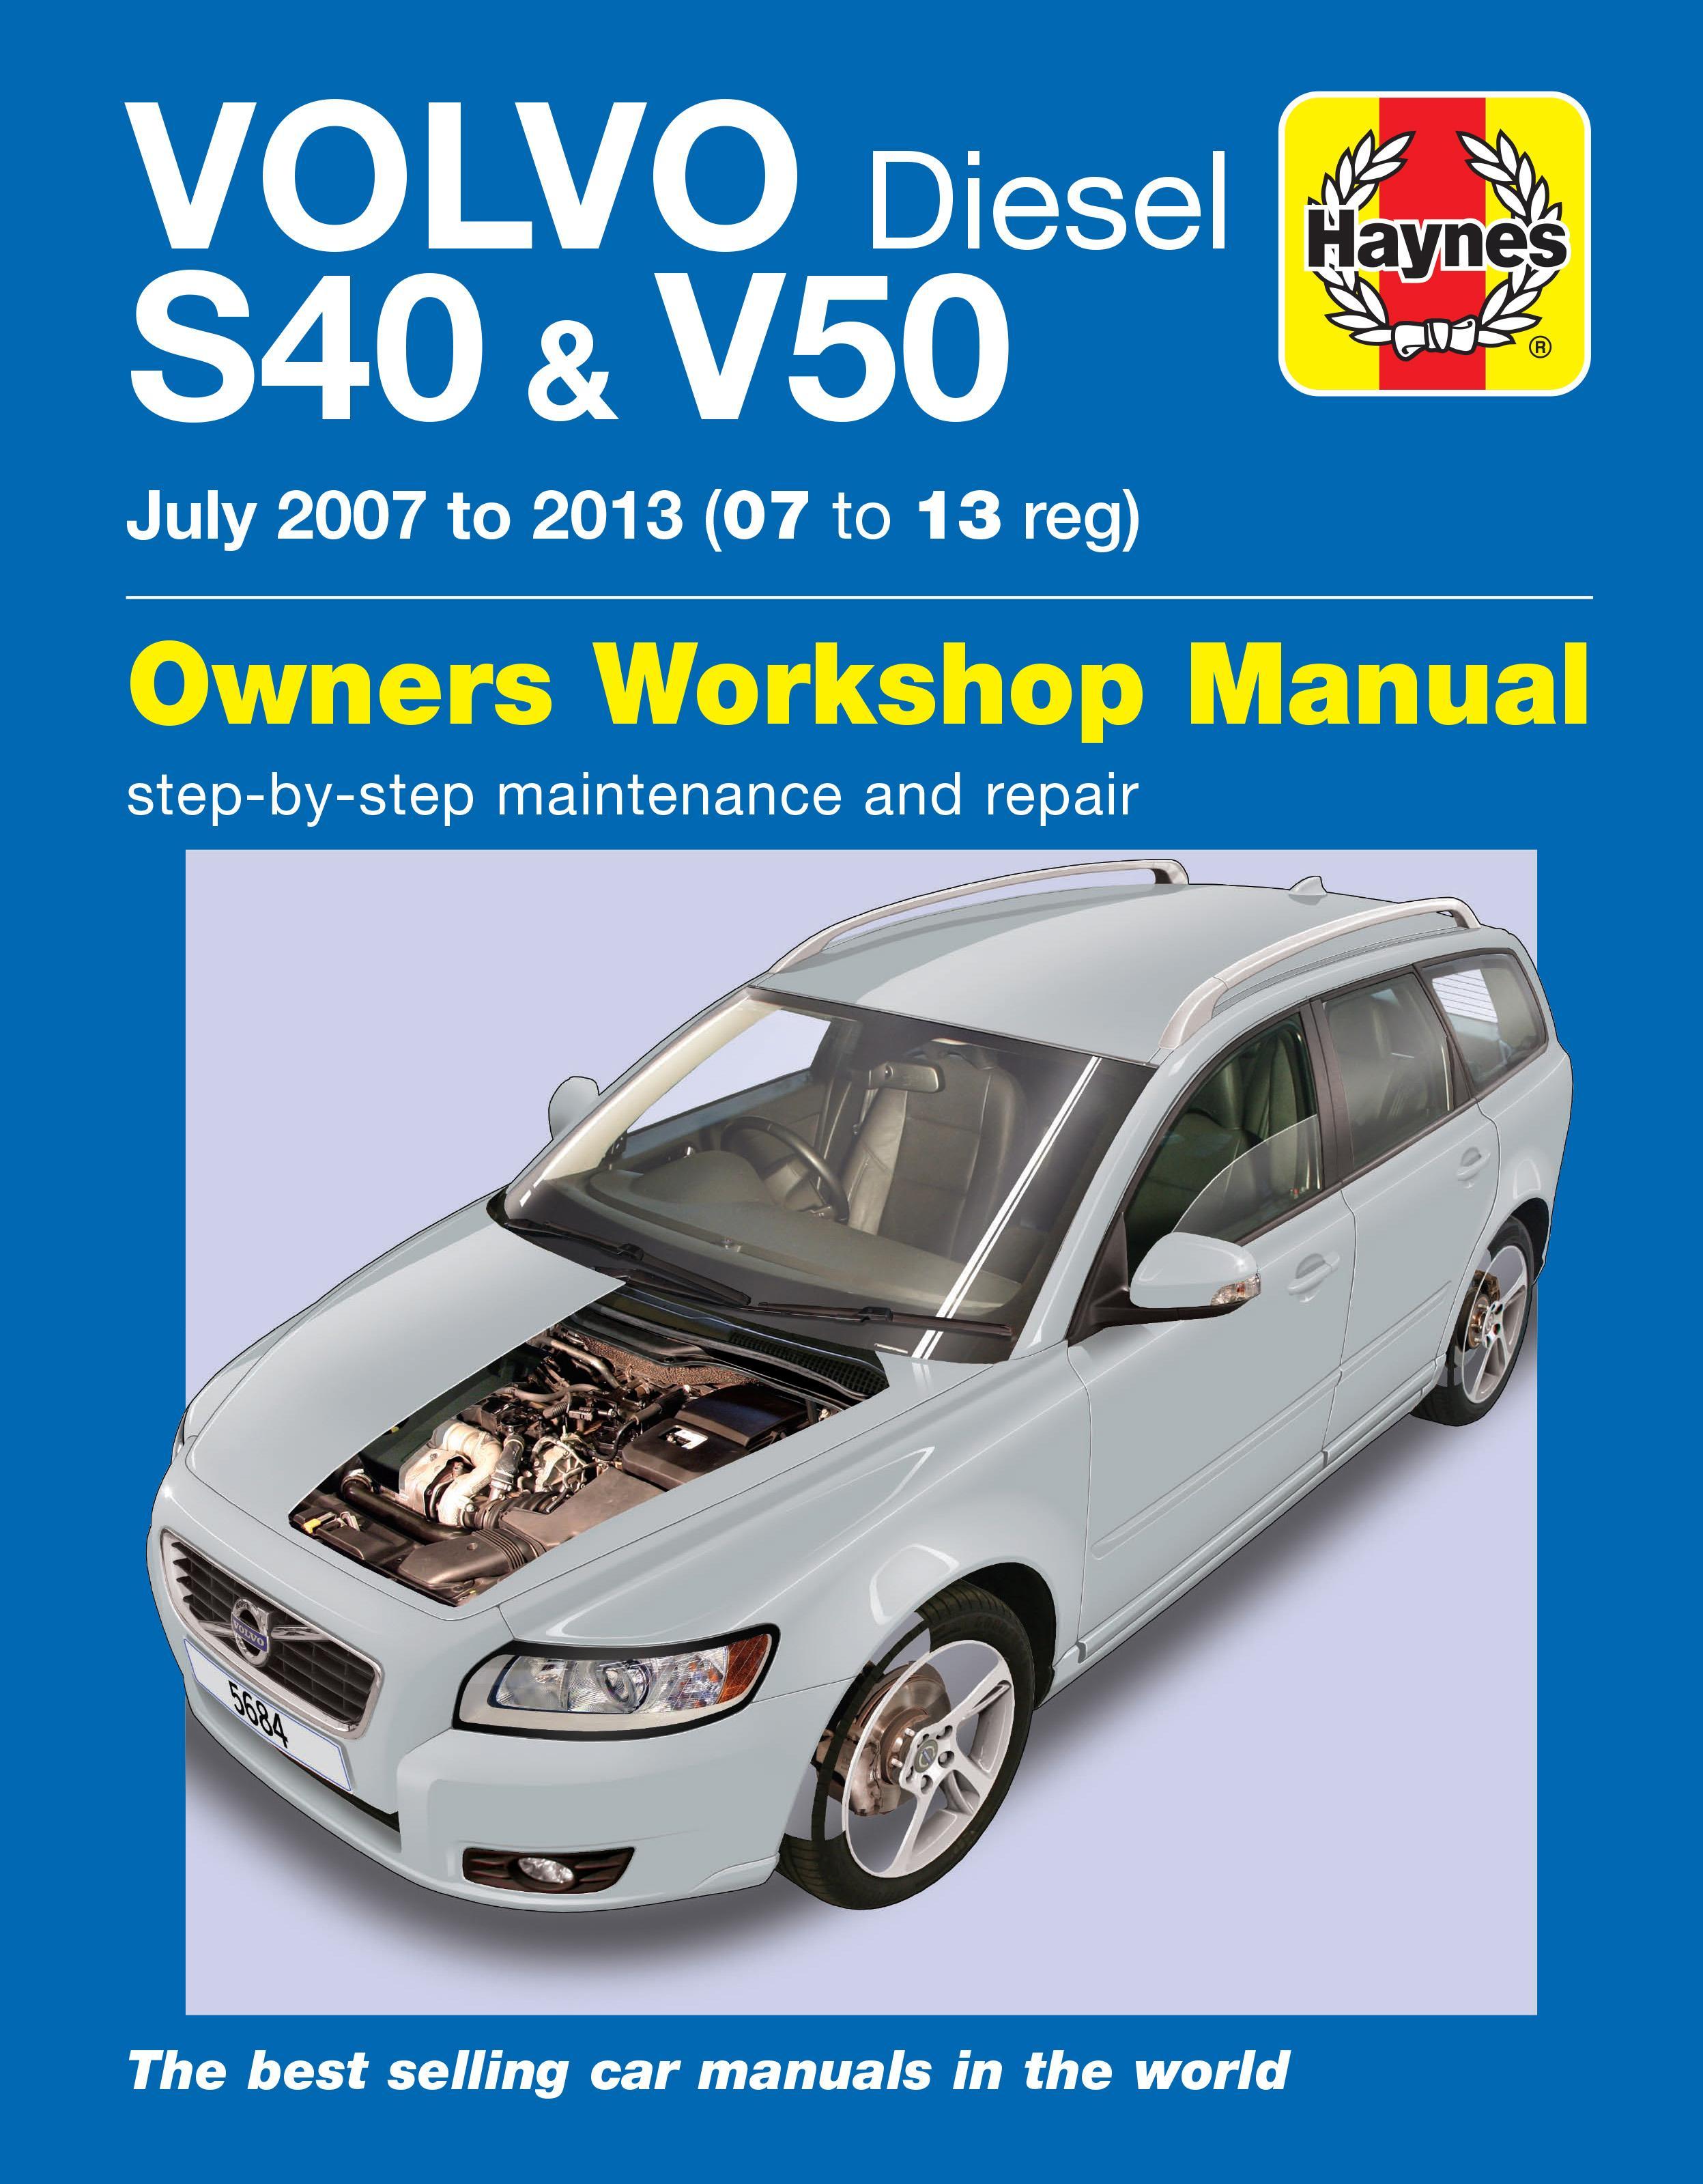 haynes volvo s40 v50 diesel 07 1 rh halfords com 2006 Volvo S40 2018 Volvo S40